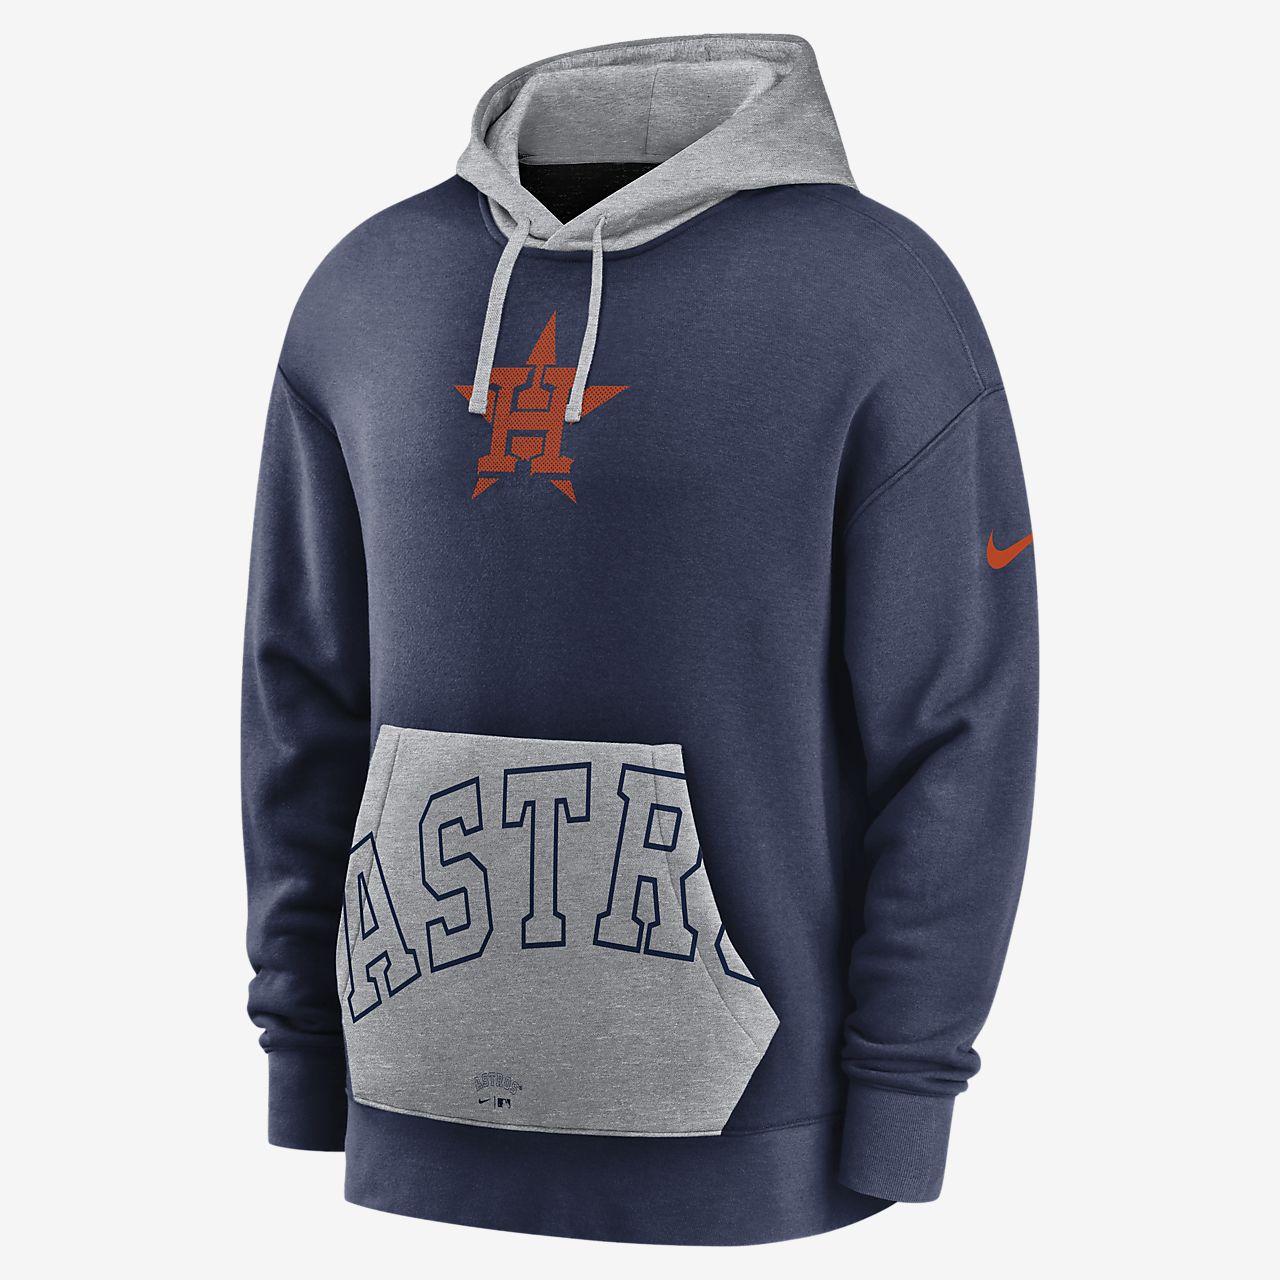 estilos frescos seleccione para el más nuevo mas bajo precio Sudadera con capucha sin cierre para hombre Nike Crop Pocket ...